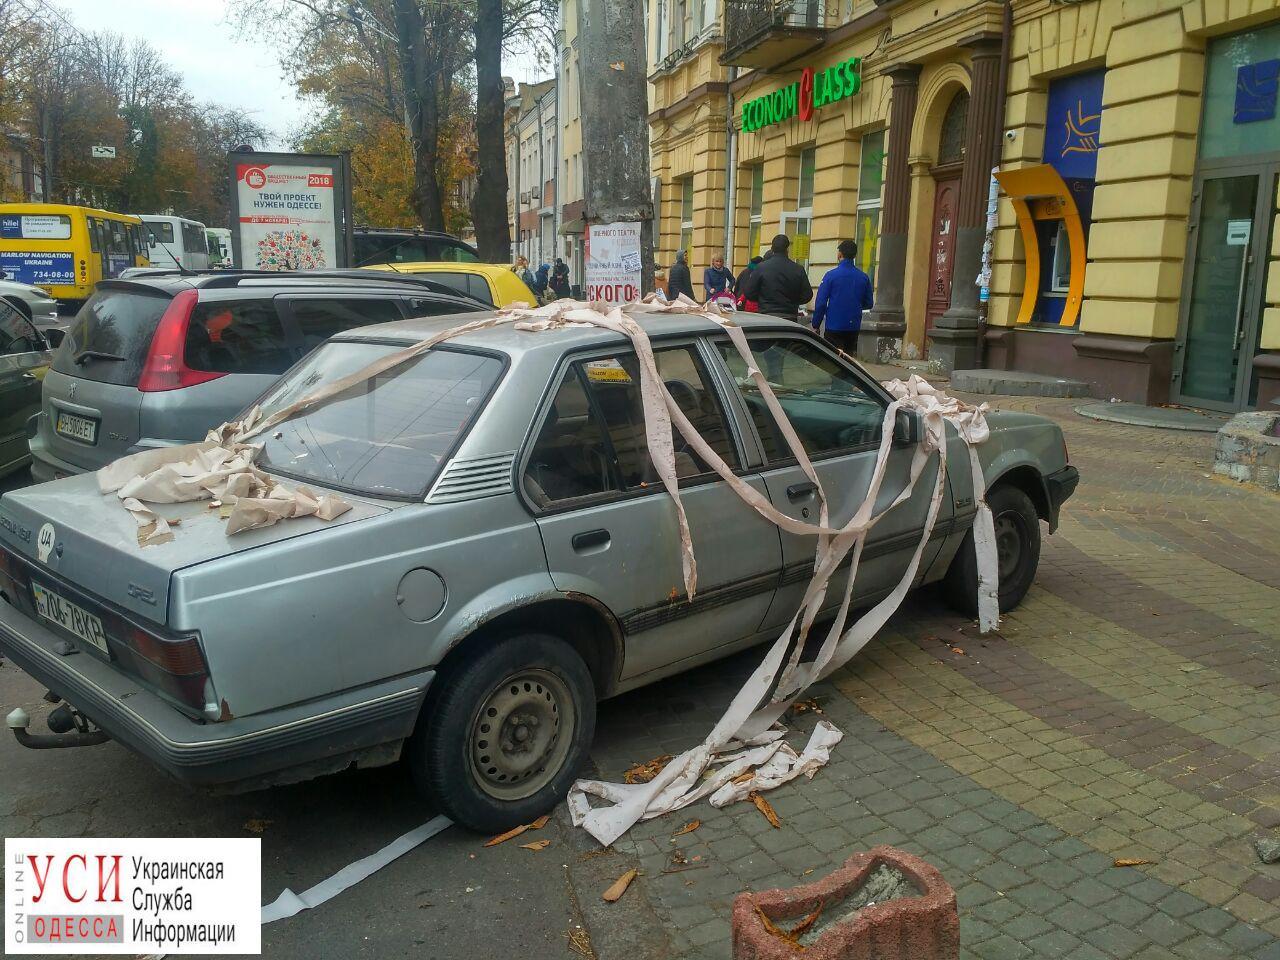 photo5190617627217733866 В Одессе неправильно припаркованный автомобиль забросали туалетной бумагой и яйцами